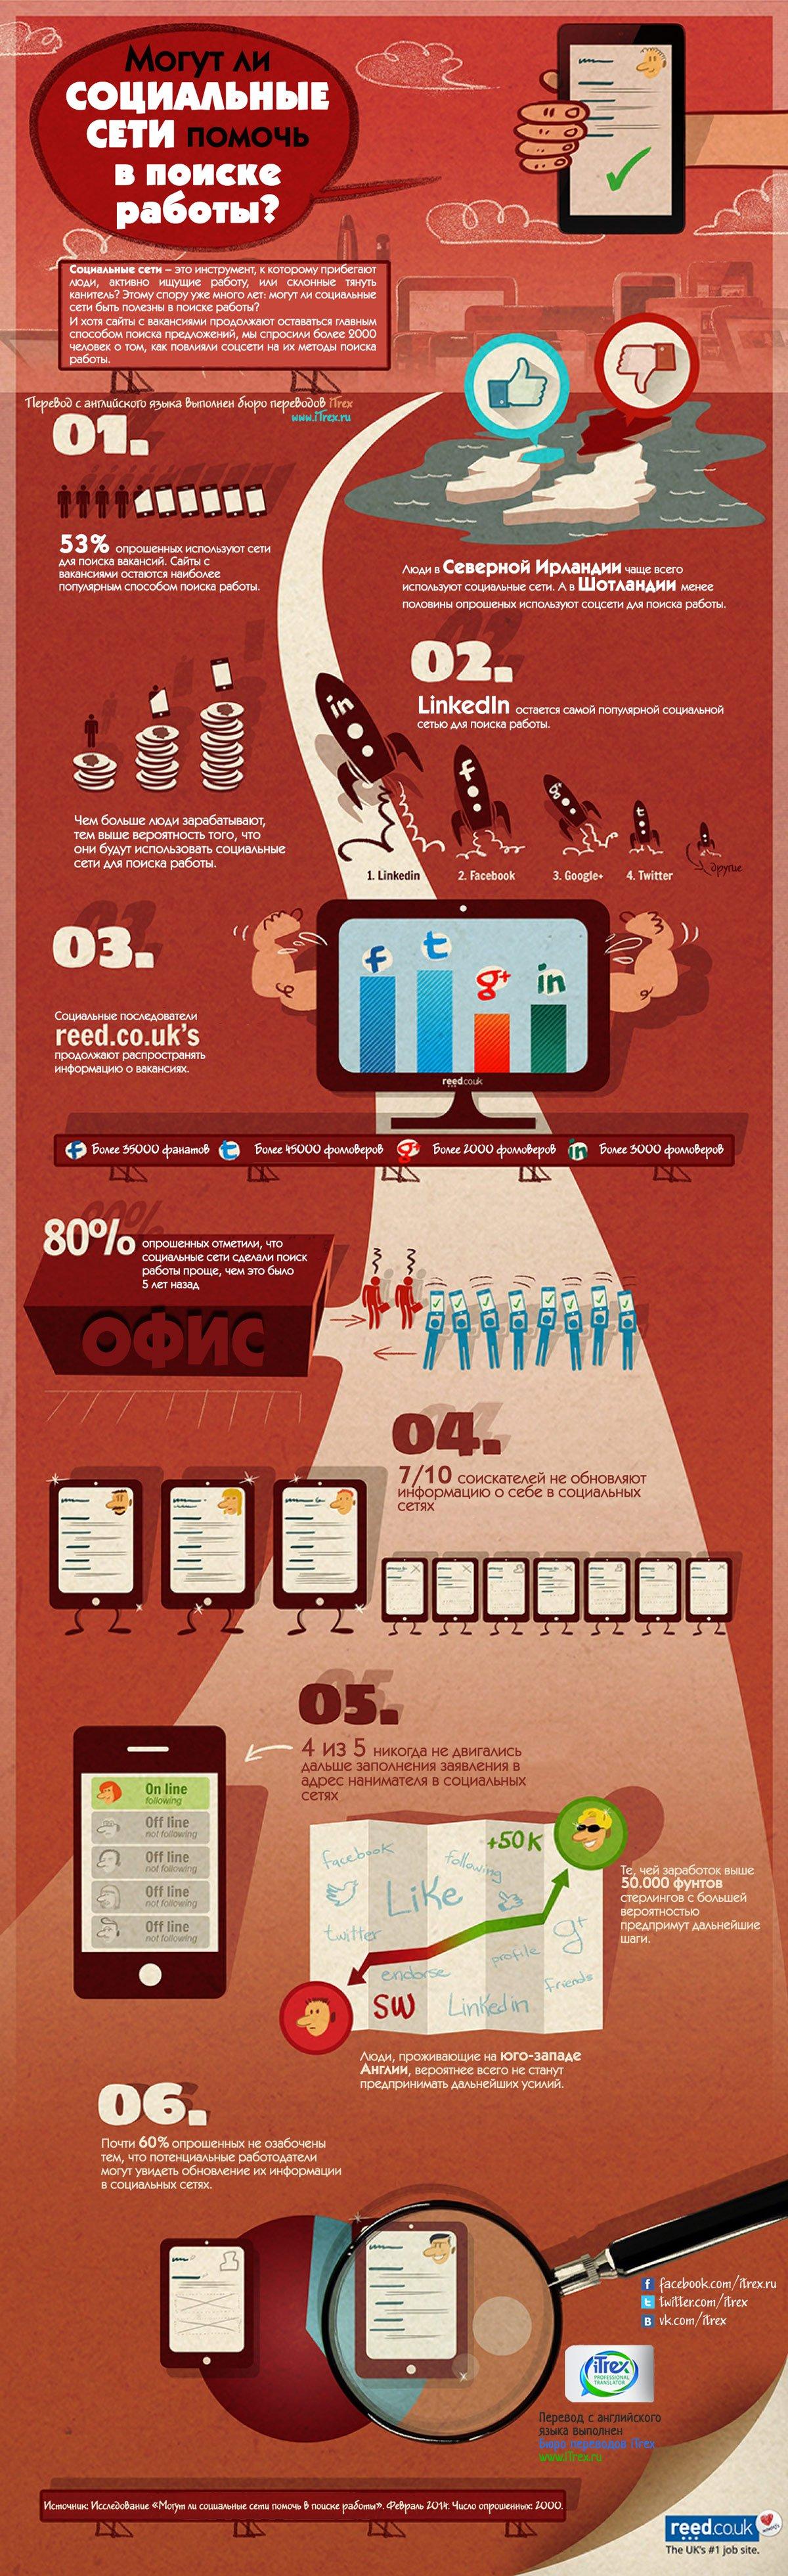 Могут ли социальные сети помочь в поиске работы?